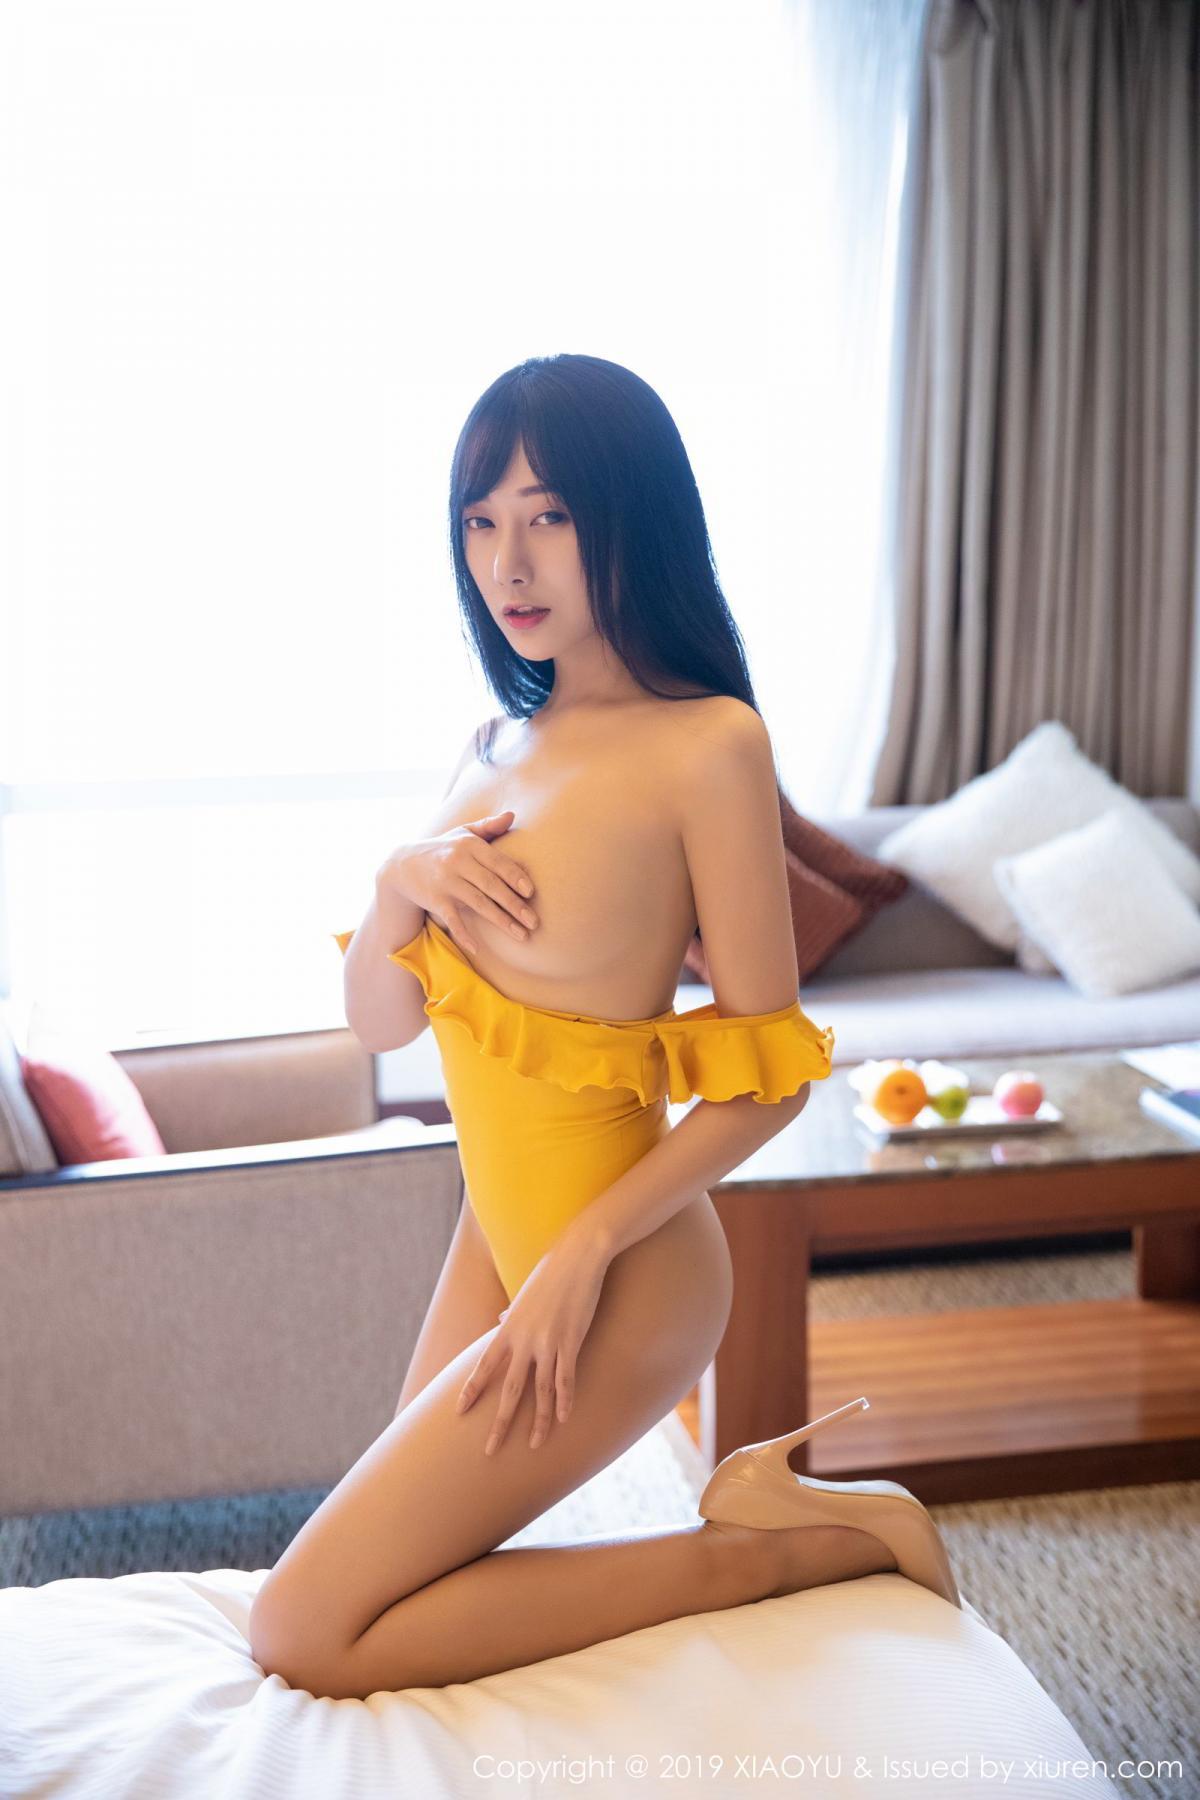 [XiaoYu] Vol.140 He Jia Ying 25P, He Jia Ying, Tall, XiaoYu